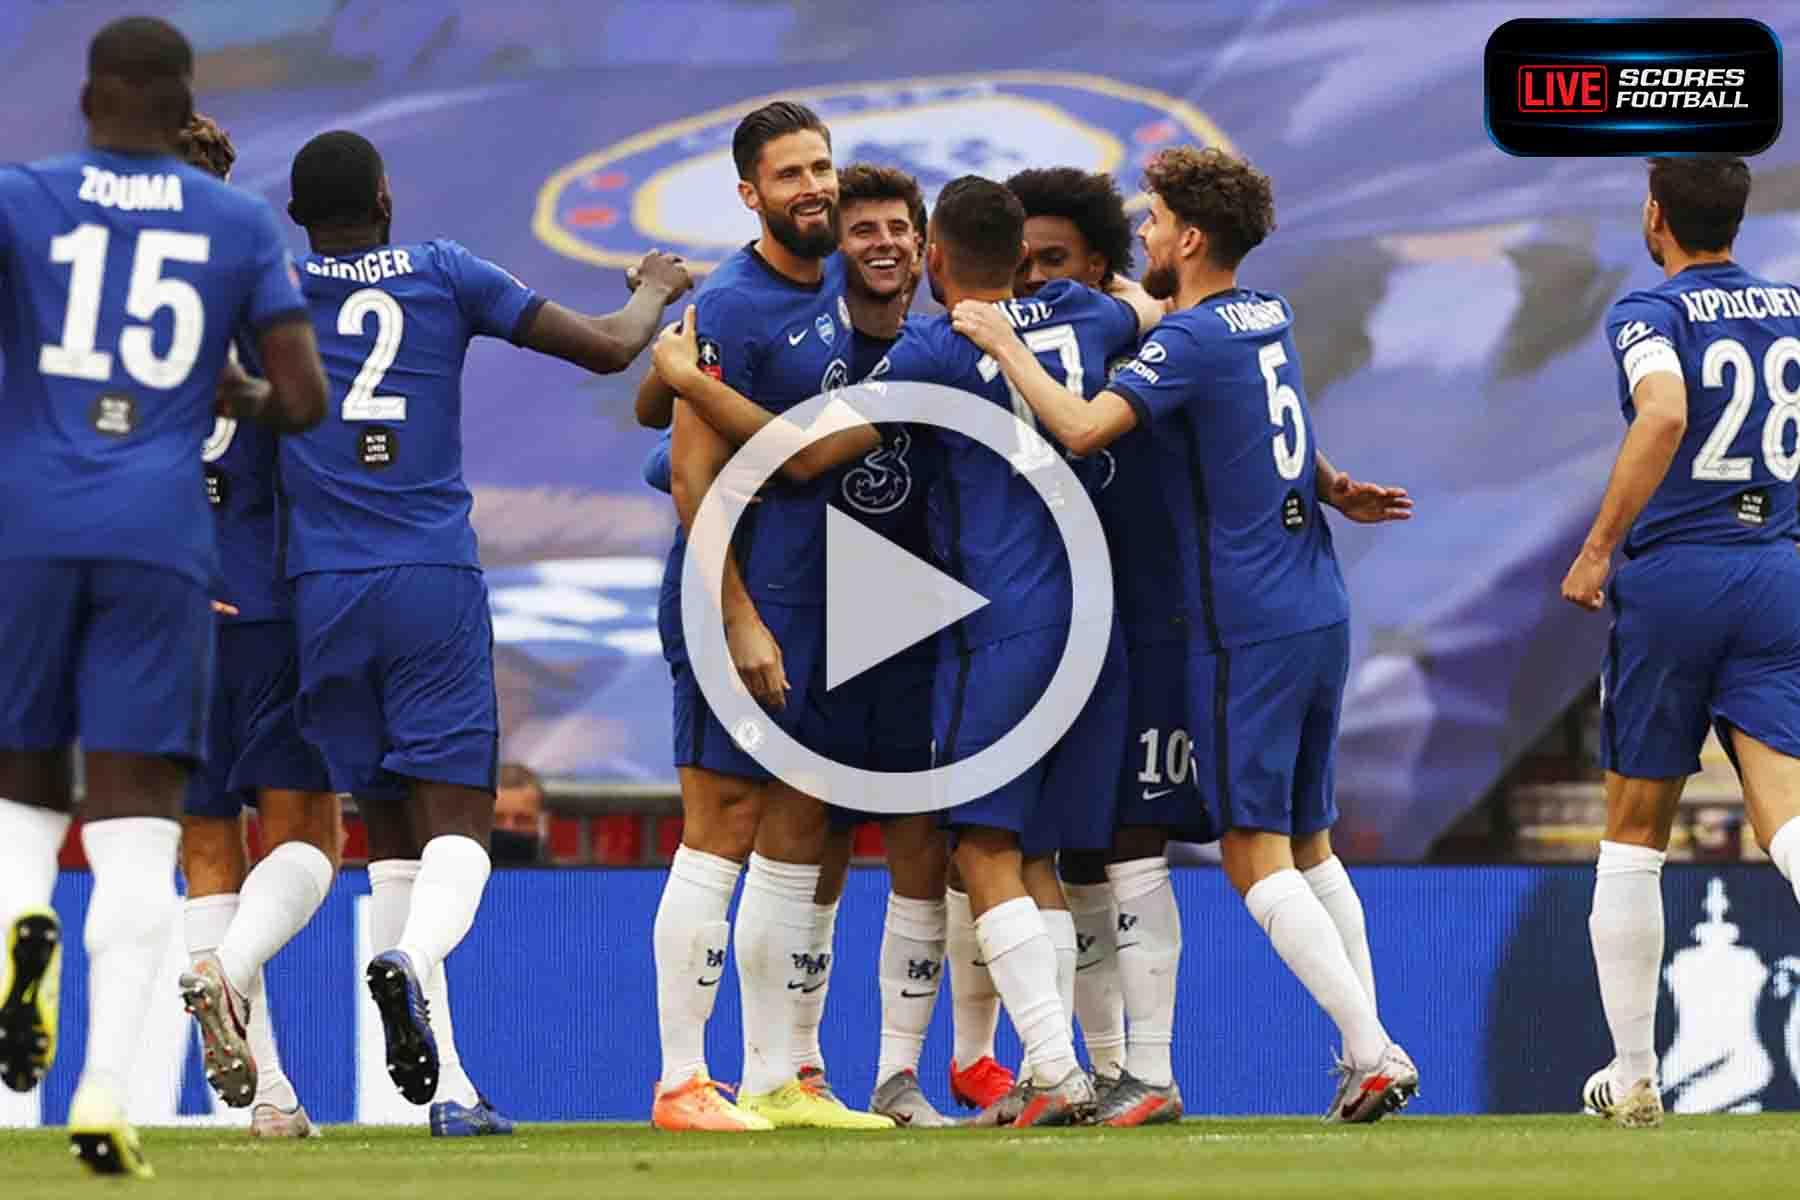 ไฮไลท์คู่เด็ด FA Cup แมนฯ ยูไนเต็ด 1-3 เชลซี วันที่ 19-7-2020 - LivescoresFB